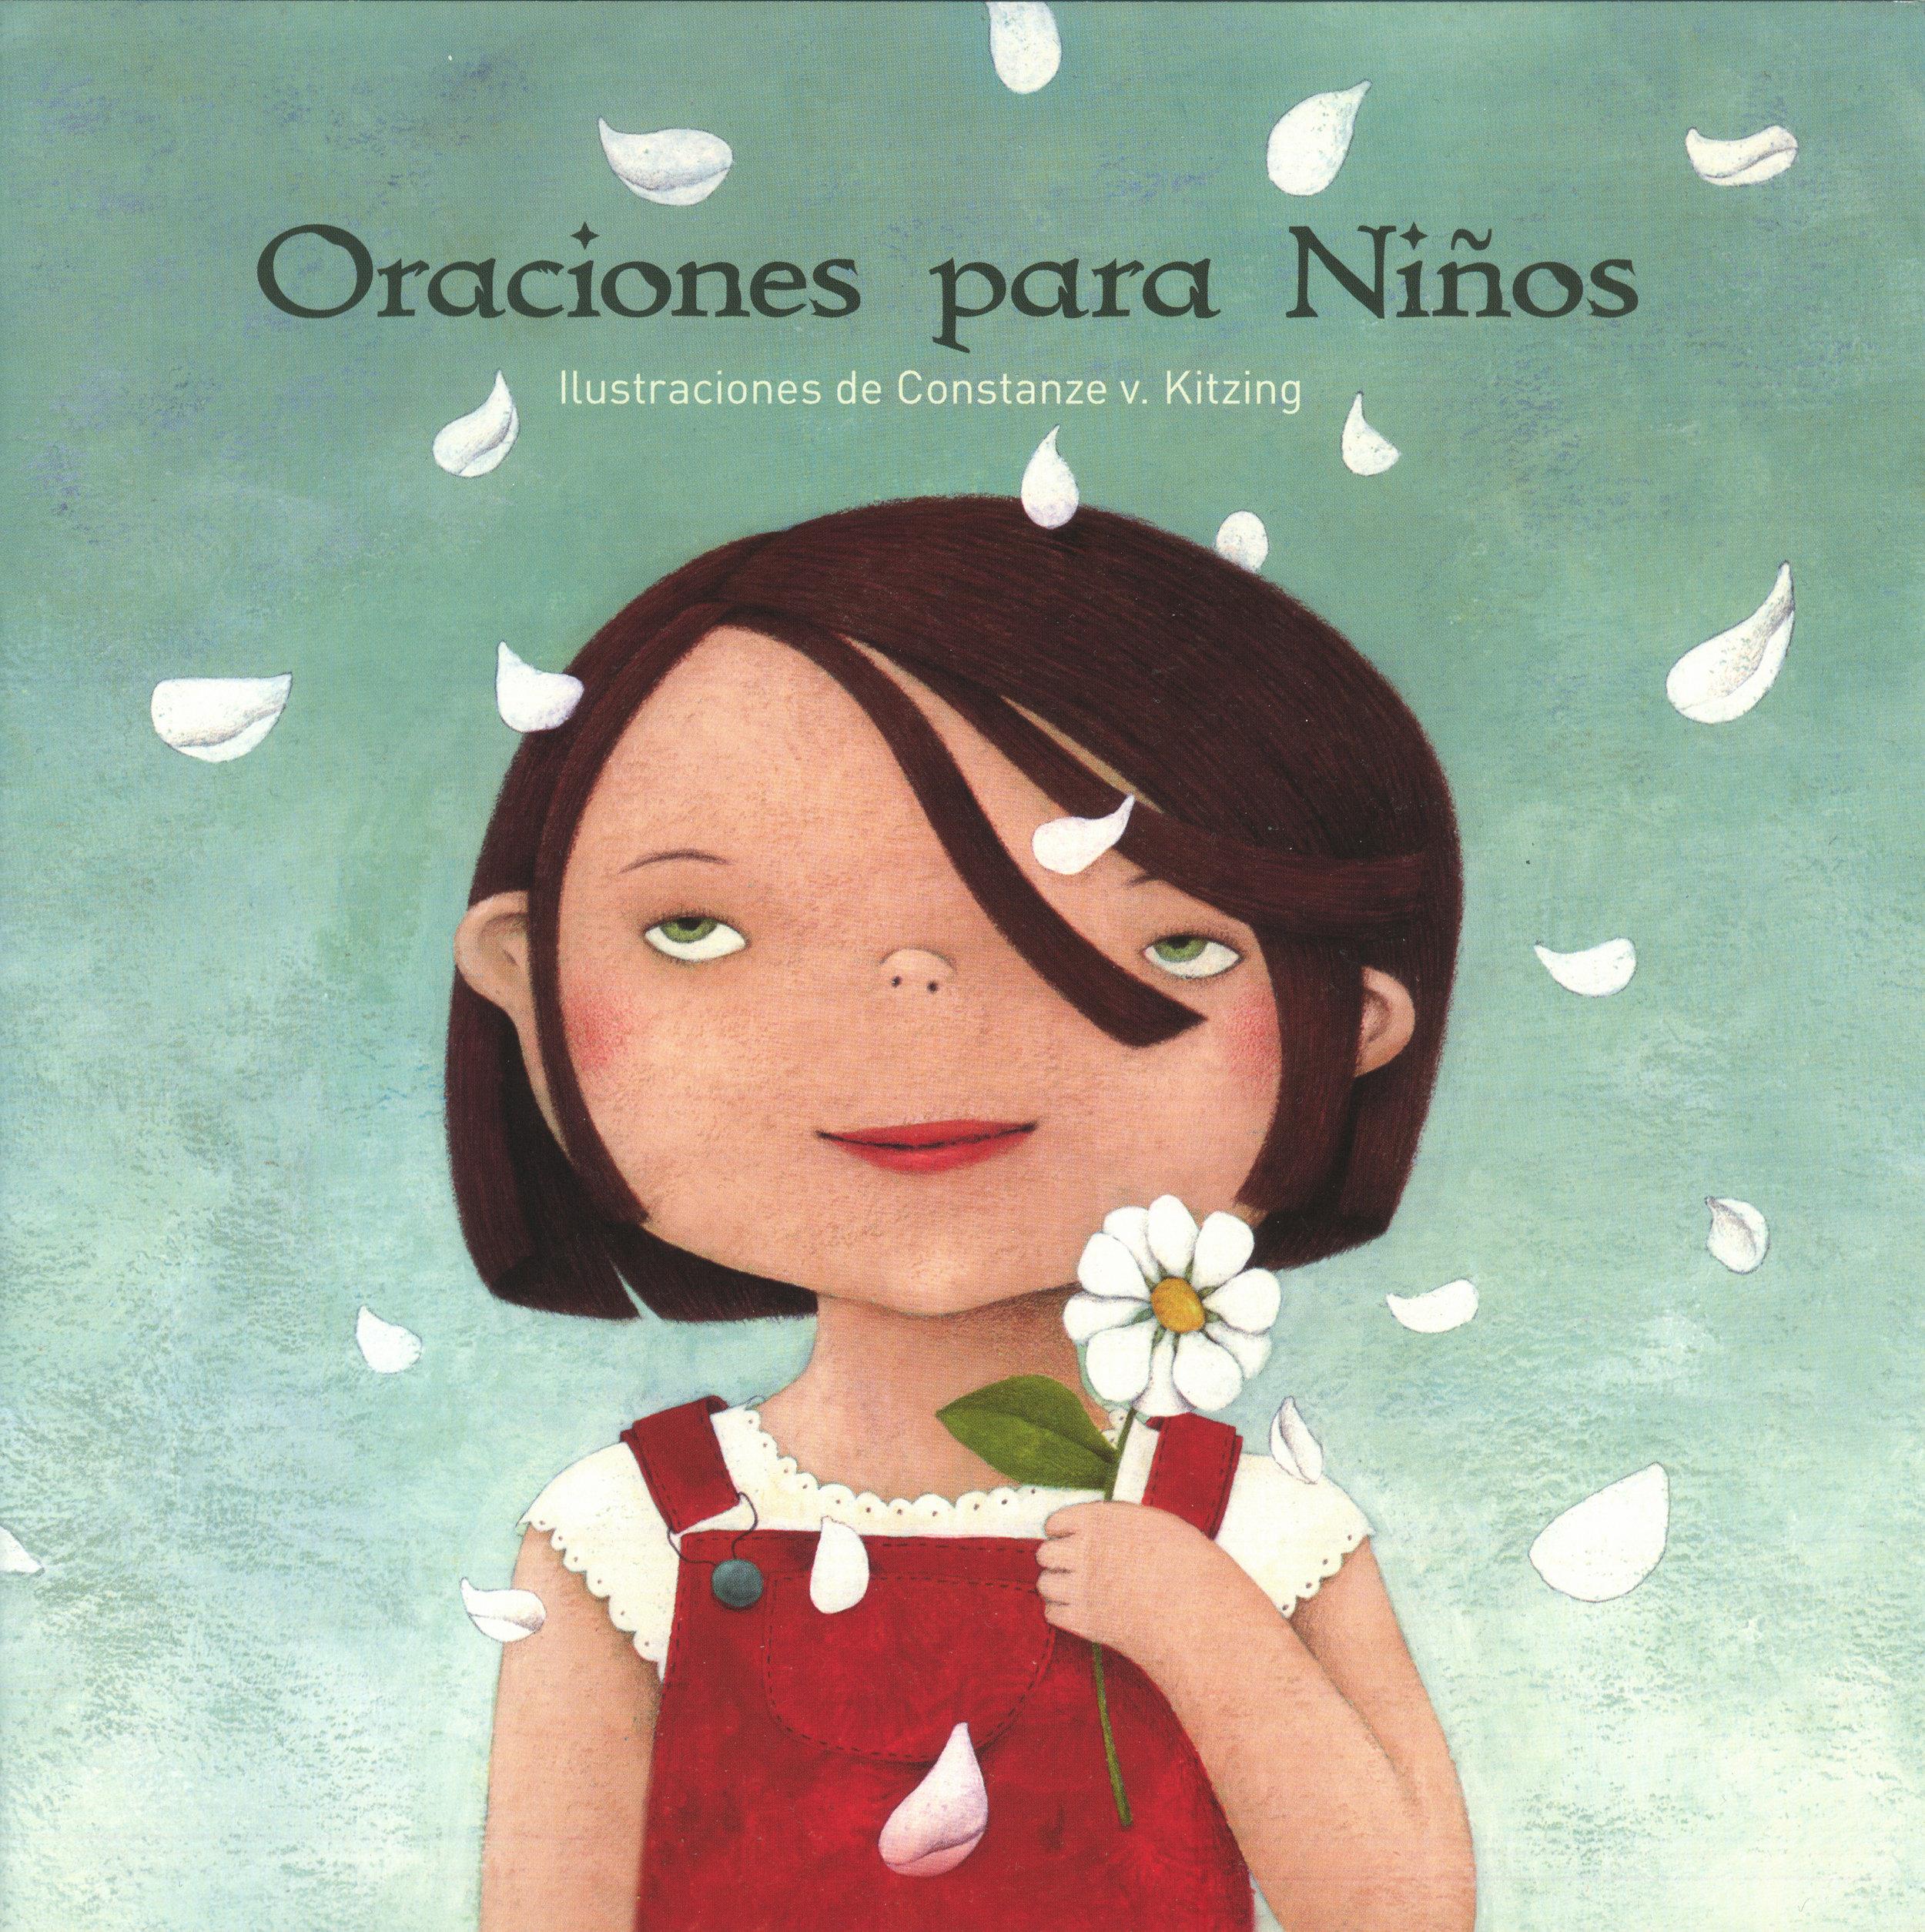 Oraciones para Ninos